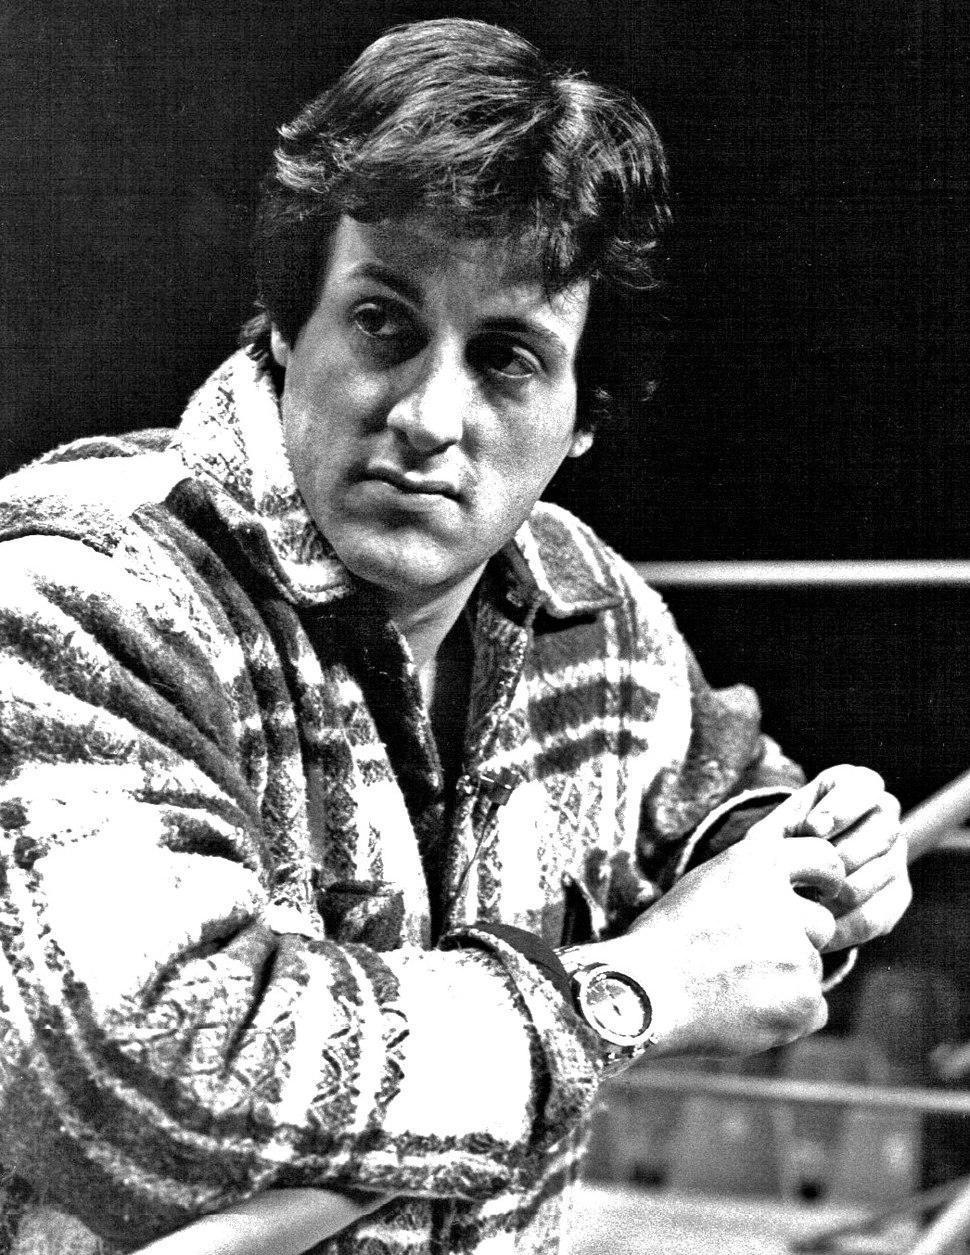 Sylvester Stallone - 1977